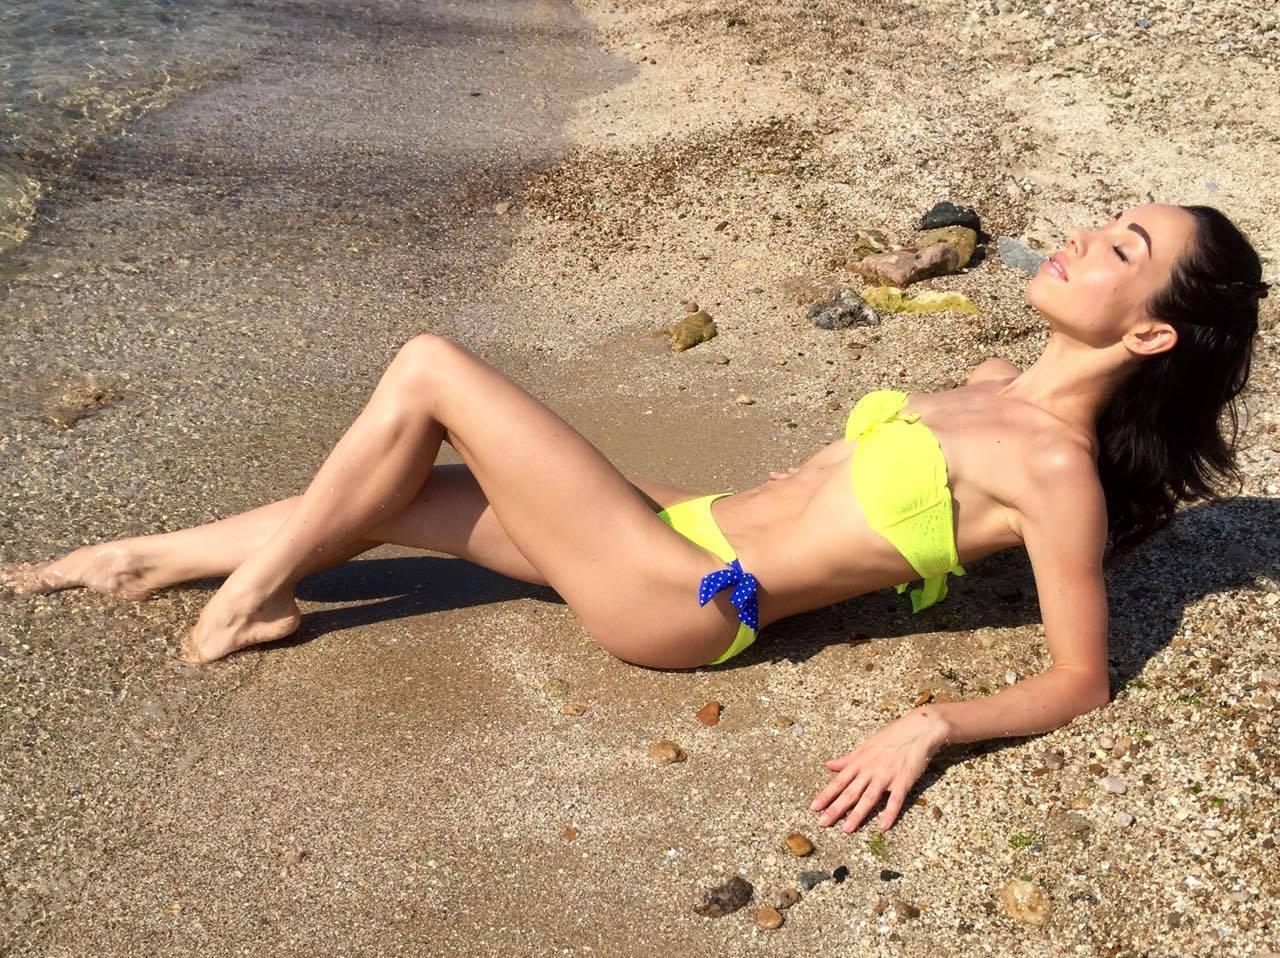 Сексуальная балерина Екатерина Кухар похвасталась фигурой в купальнике